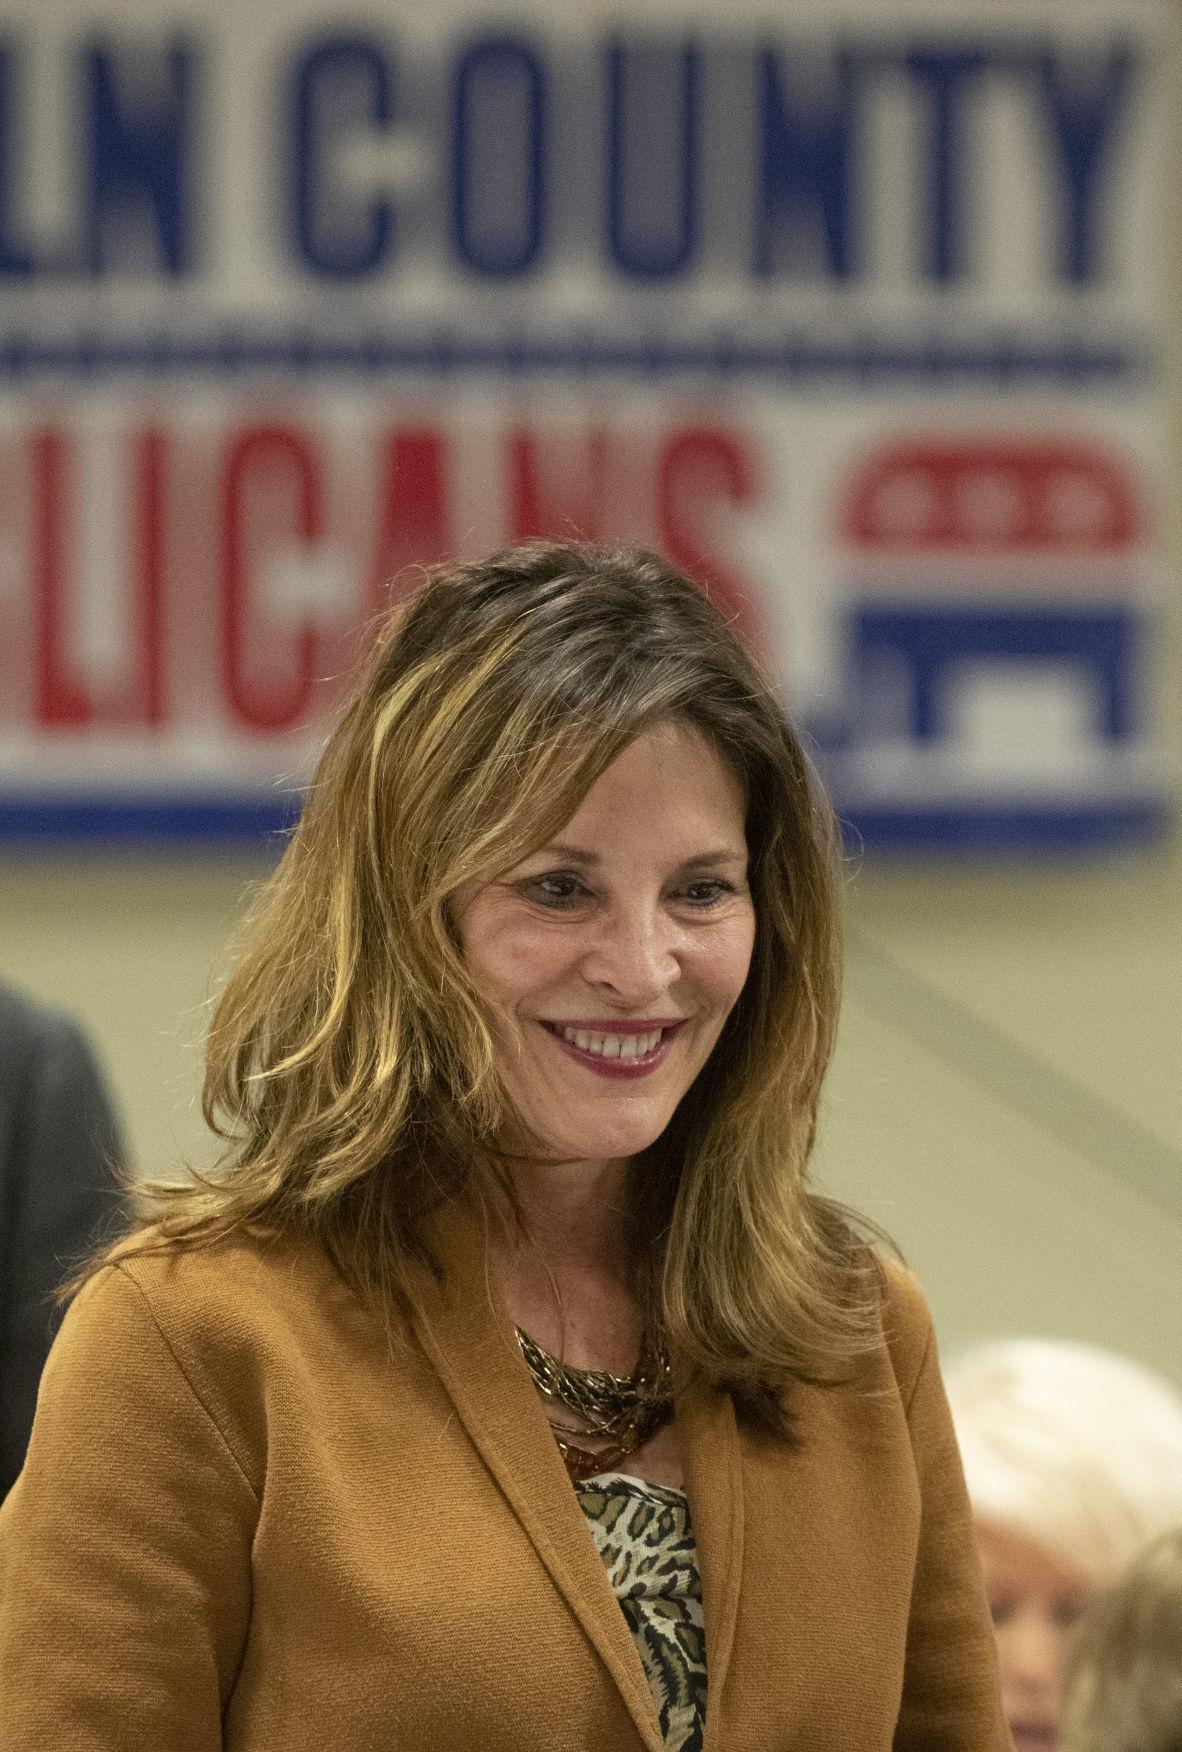 Lincoln Days underway, Senator Risch attends